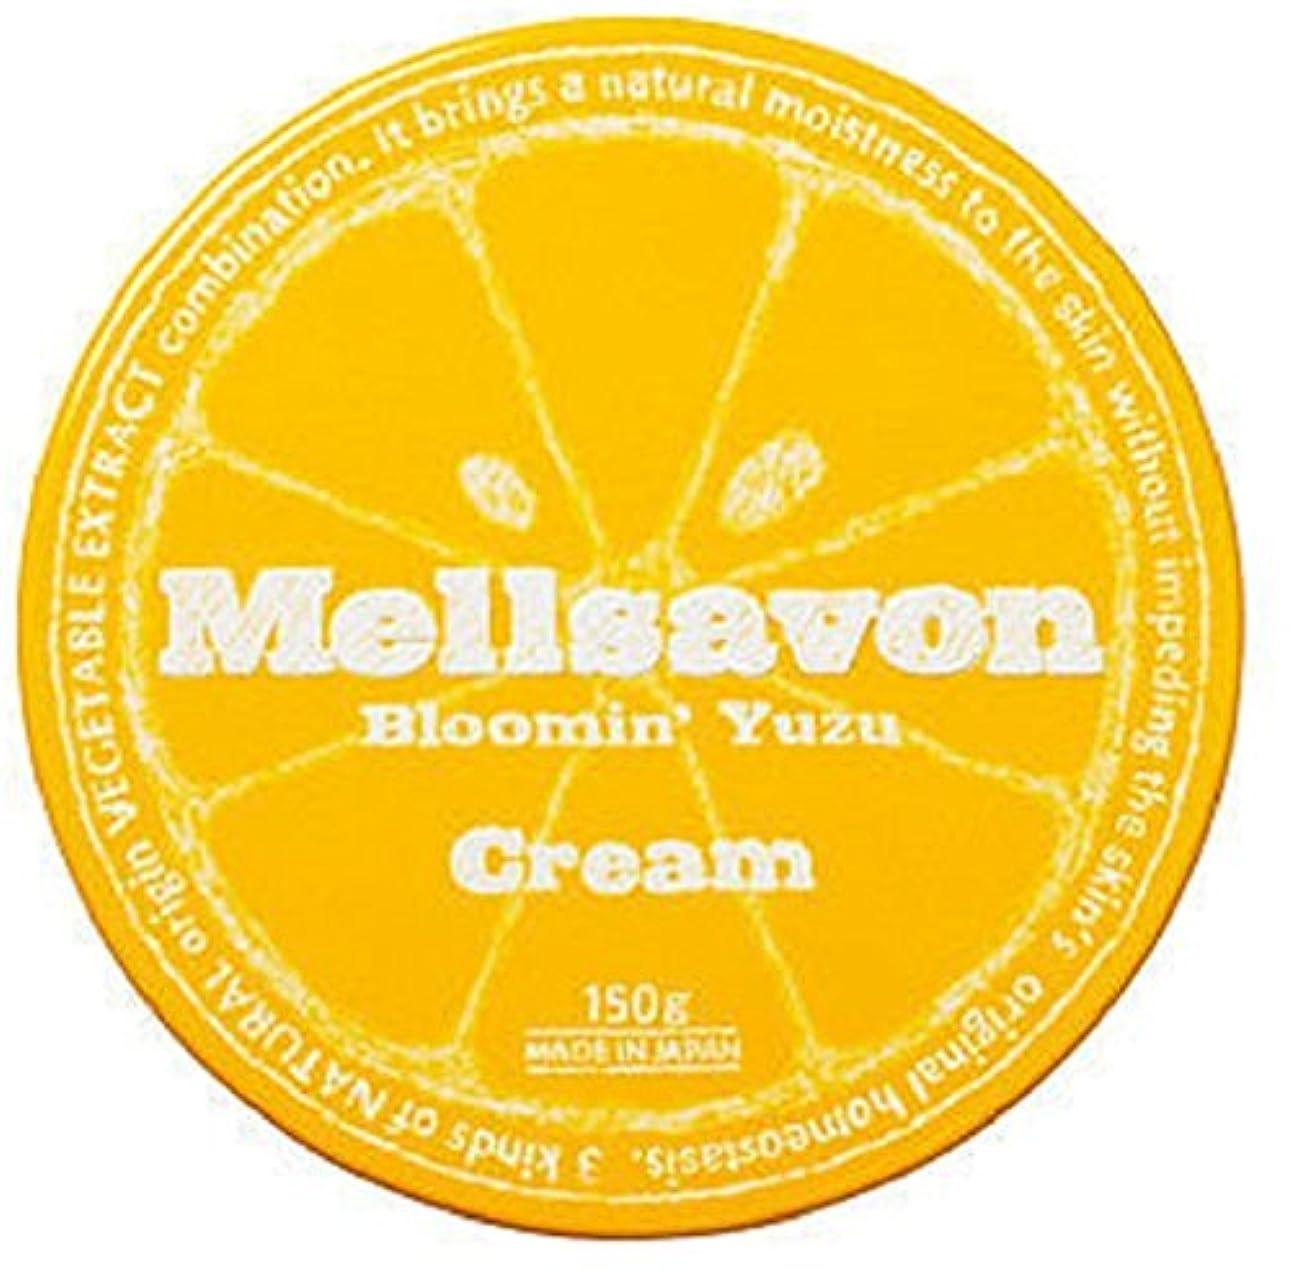 とげ最小高揚した限定ユズの香り メルサボン スキンケアクリーム 大缶 150g ブルーミングユズ